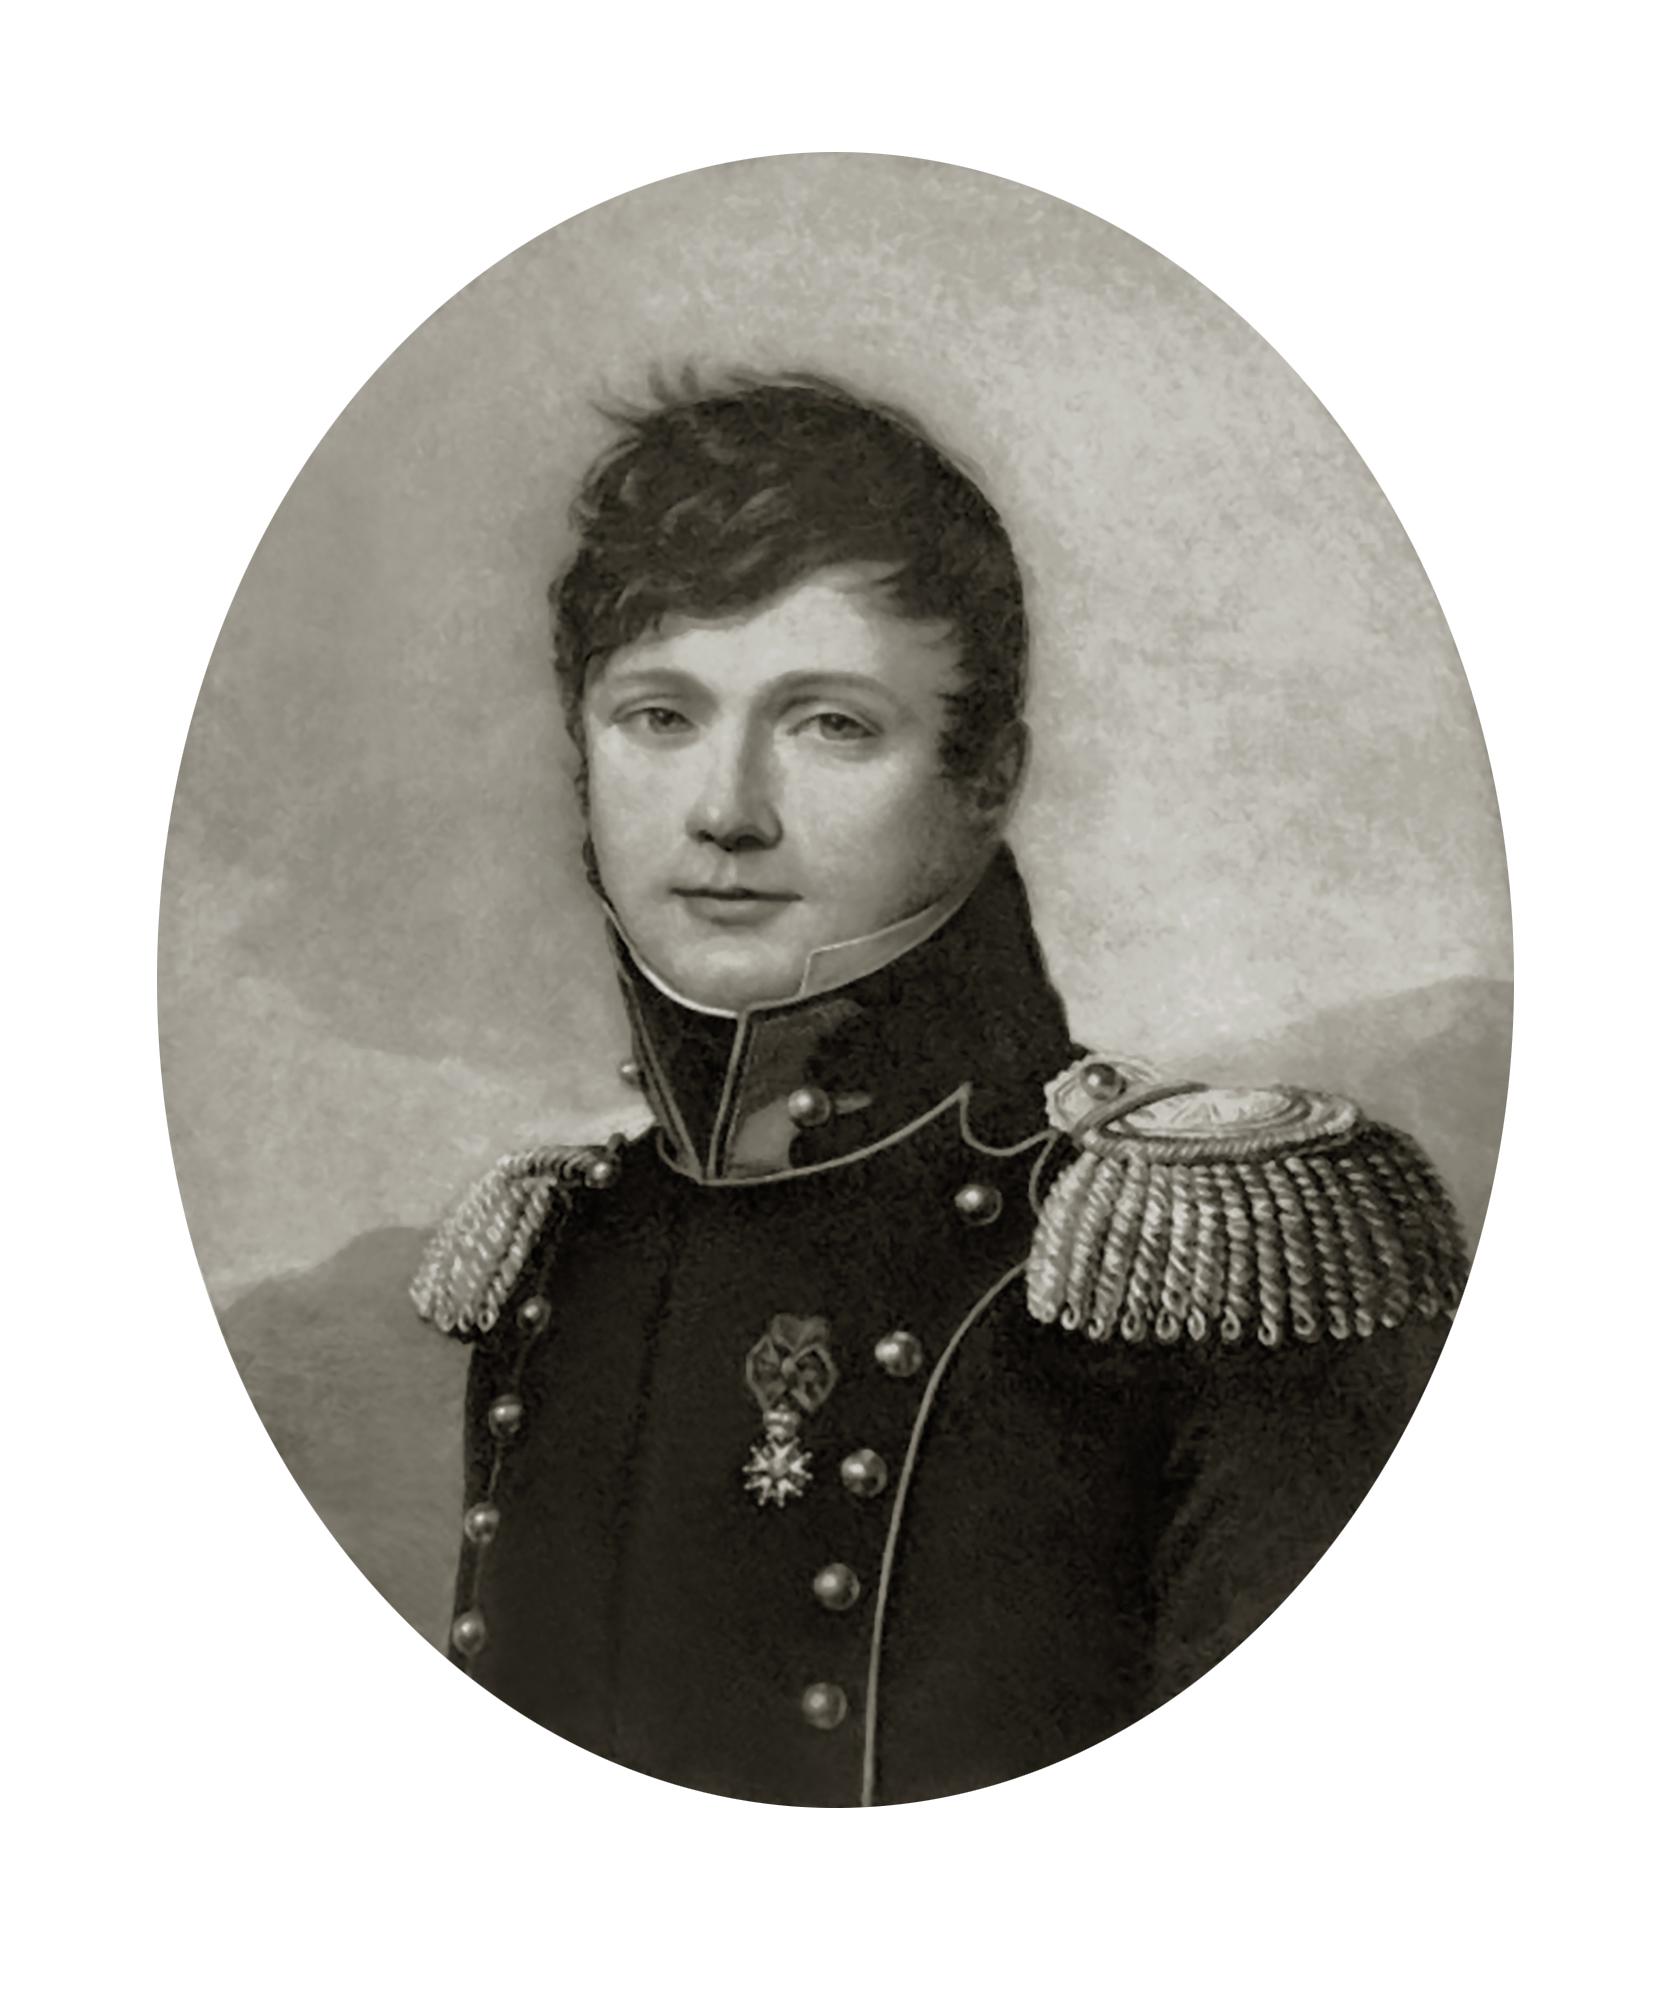 Les généraux Français de l Empire - Page 2 G%C3%A9n%C3%A9ral_Jean_Baptiste_Antoine_Marcellin_de_Marbot